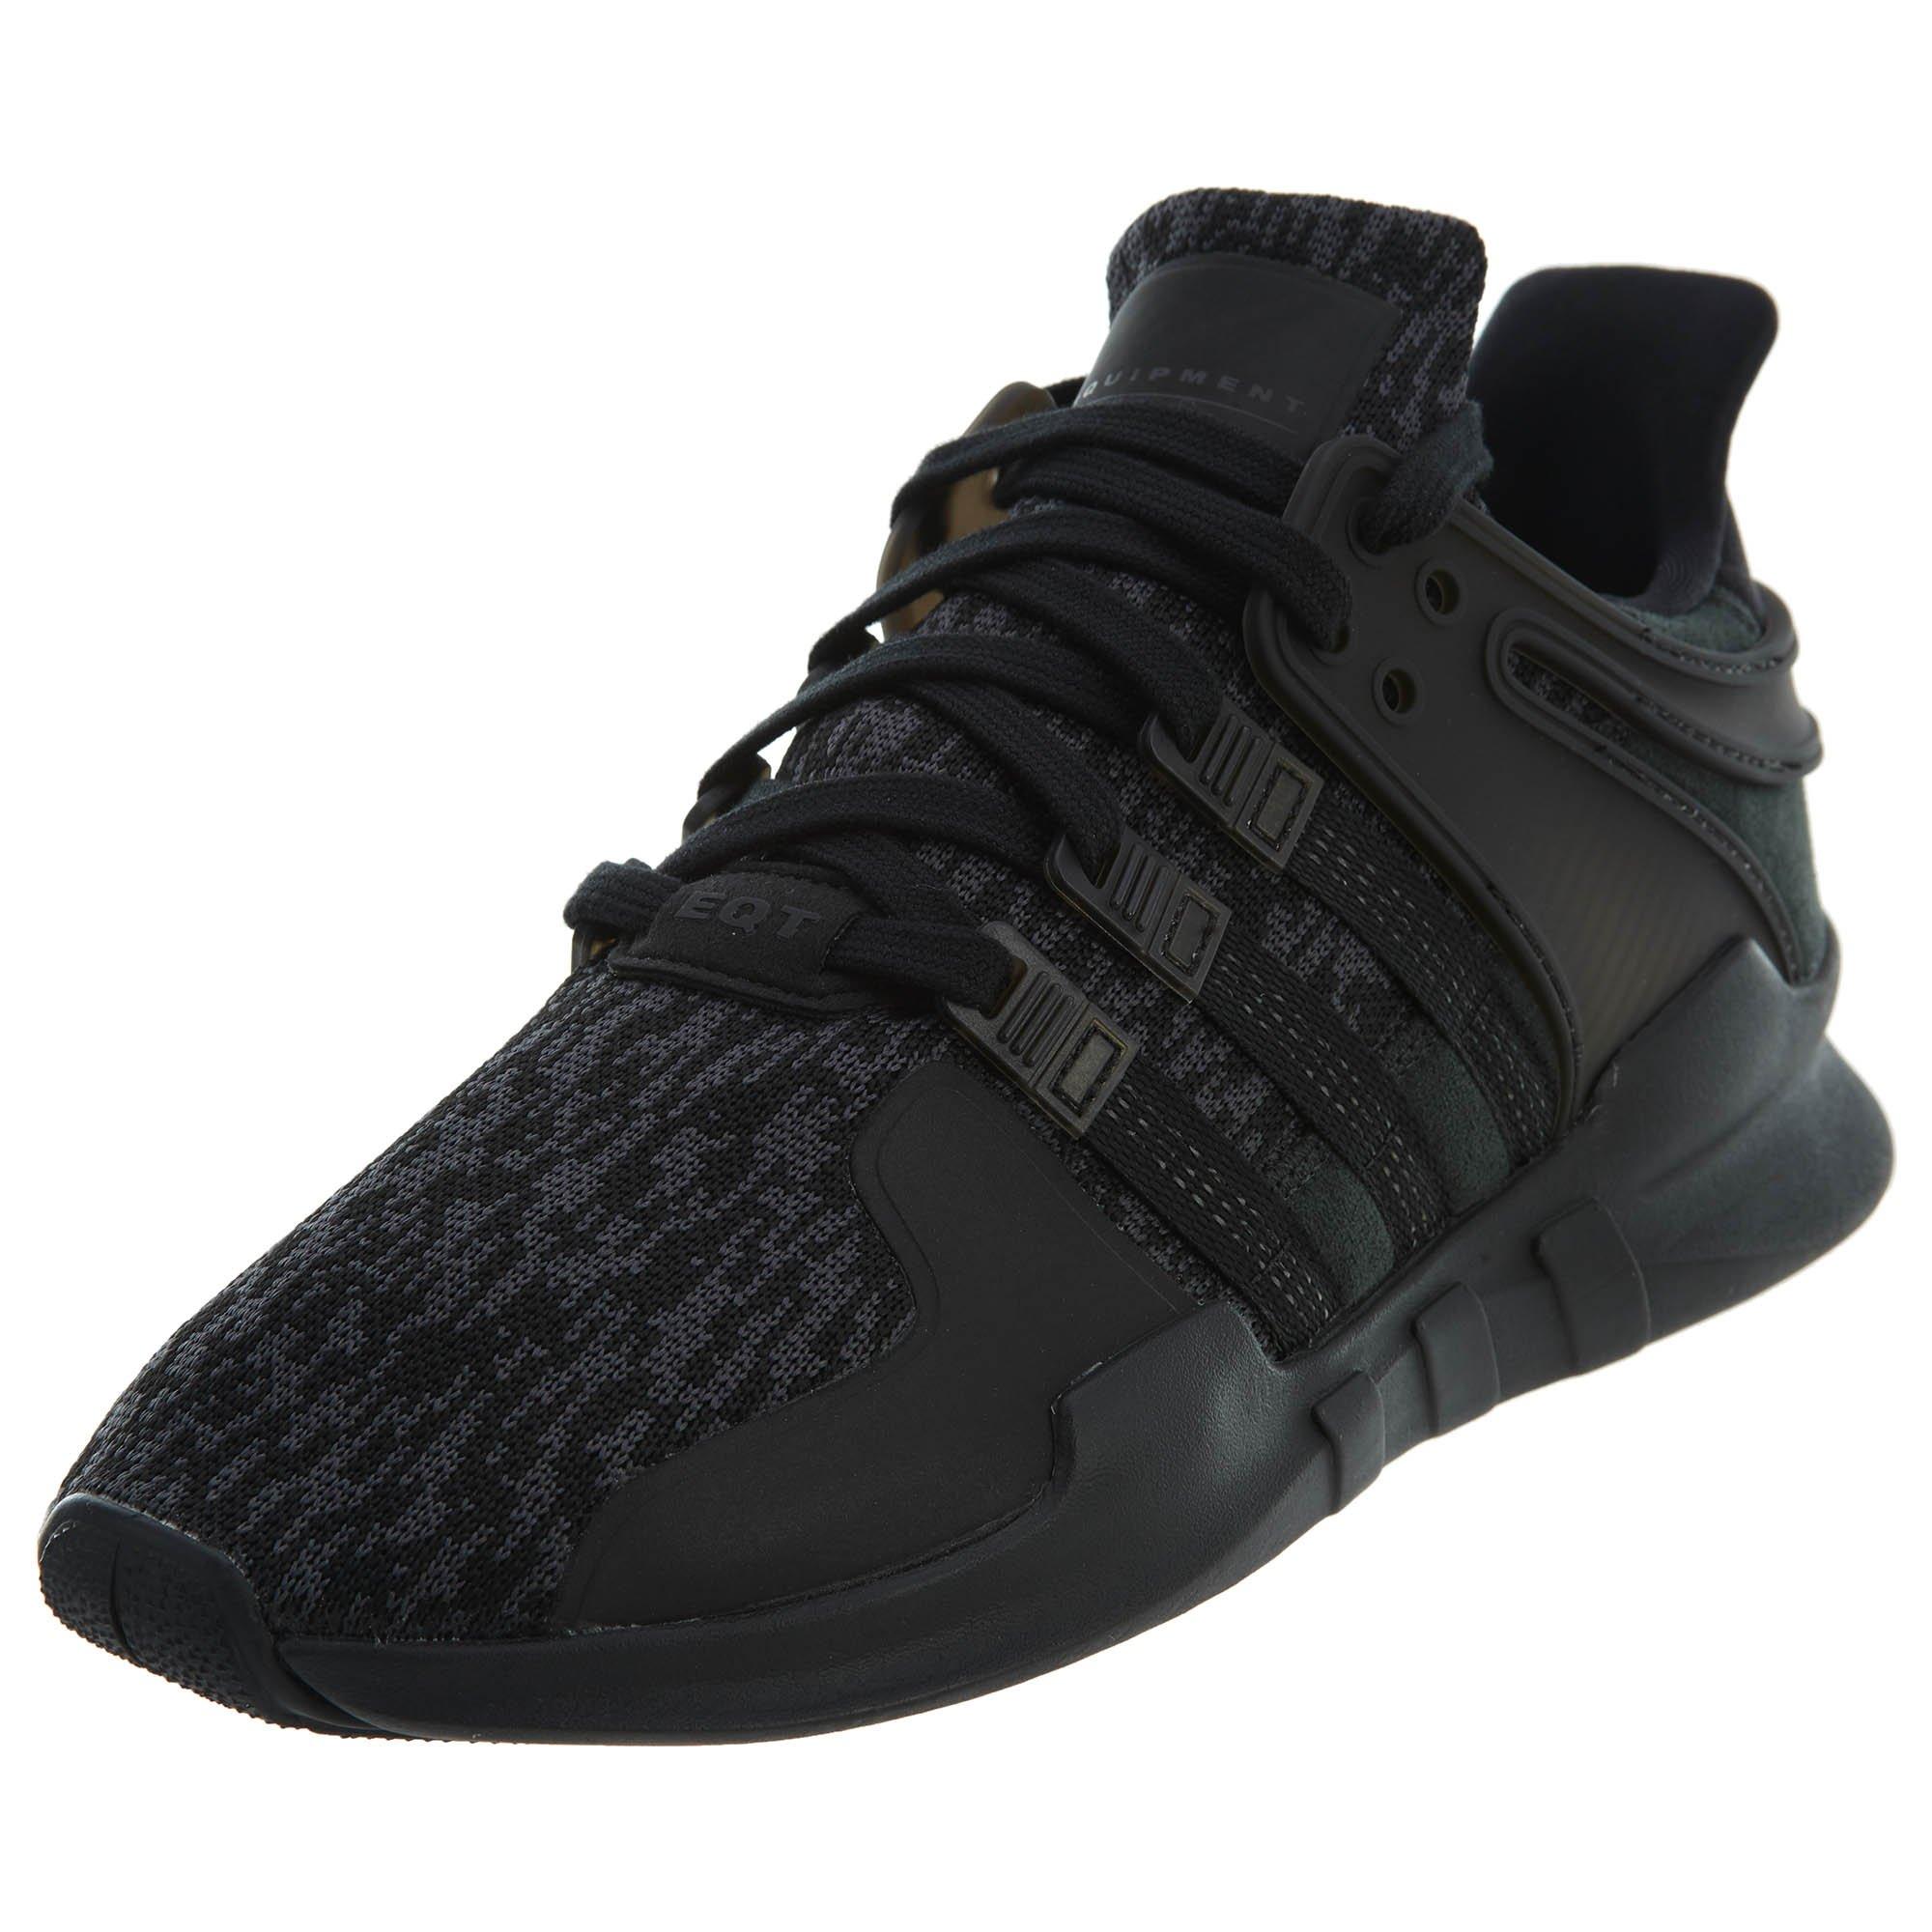 new styles a0cc7 5bdc8 Galleon - Adidas Originals Men s EQT Support ADV Core Black Sub Green 9.5 D  US